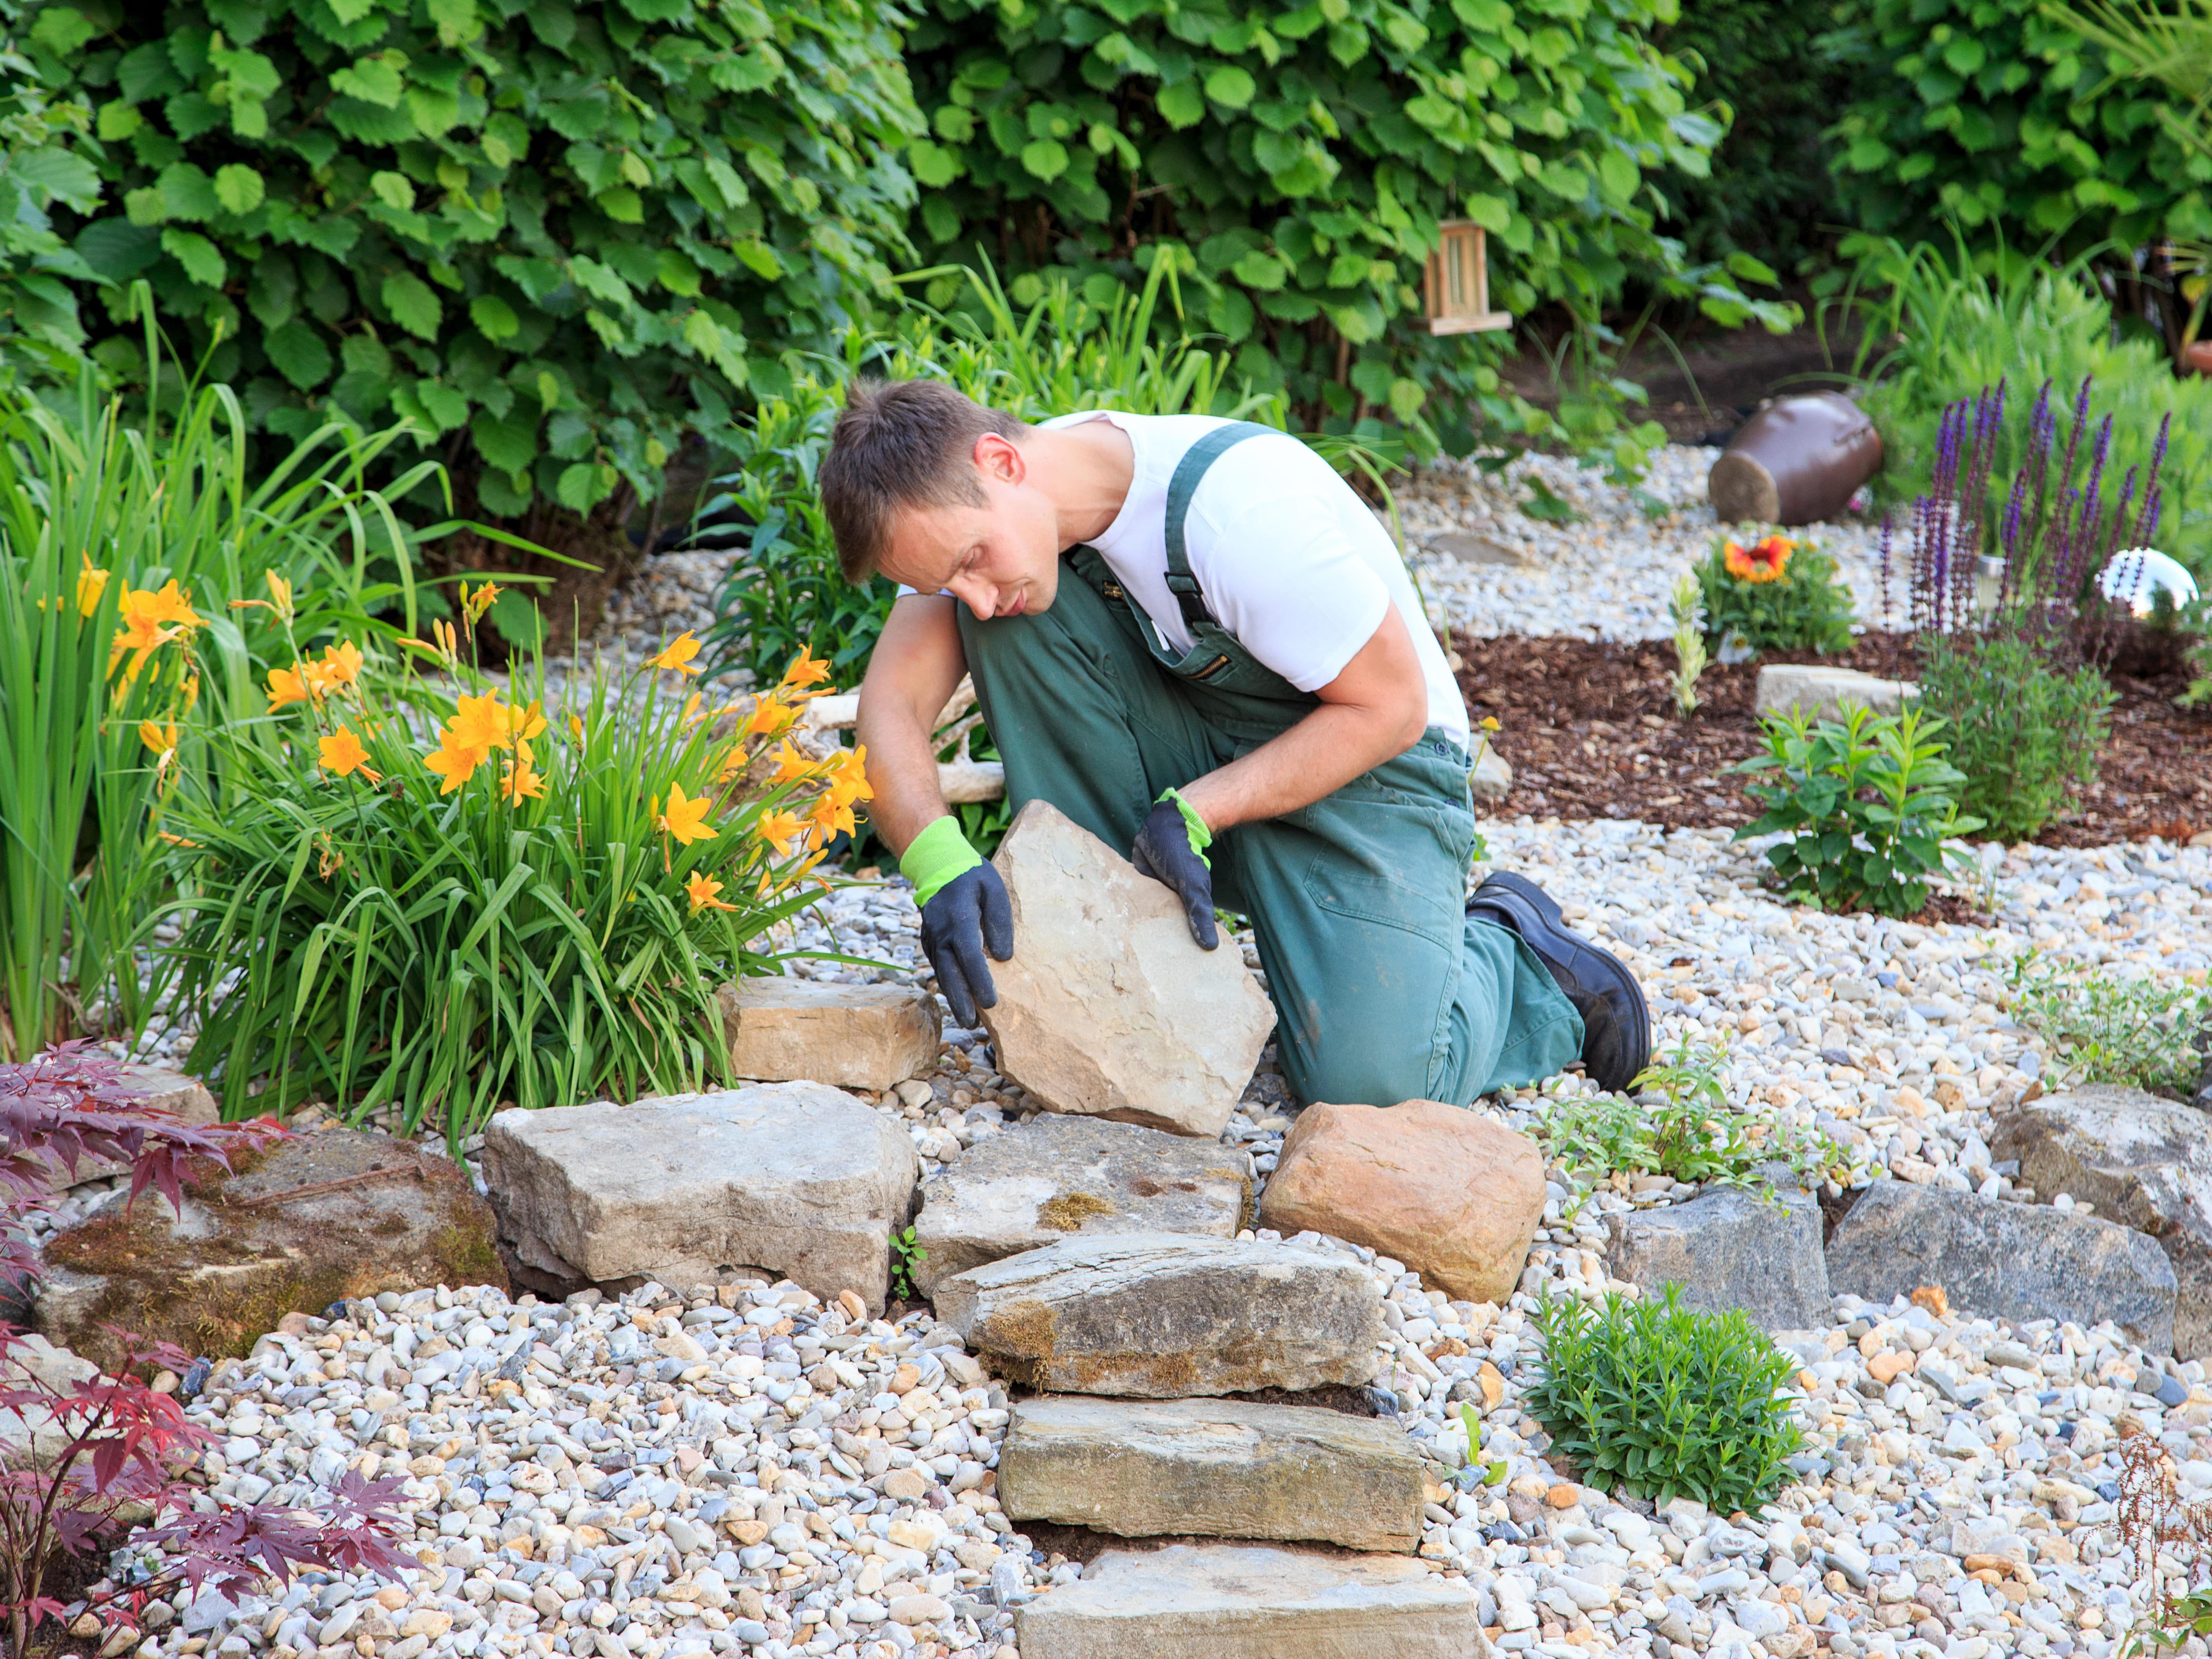 Foto de um profissional fazendo paisagens para inspirar o empreendedor que quer montar um serviço de paisagismo